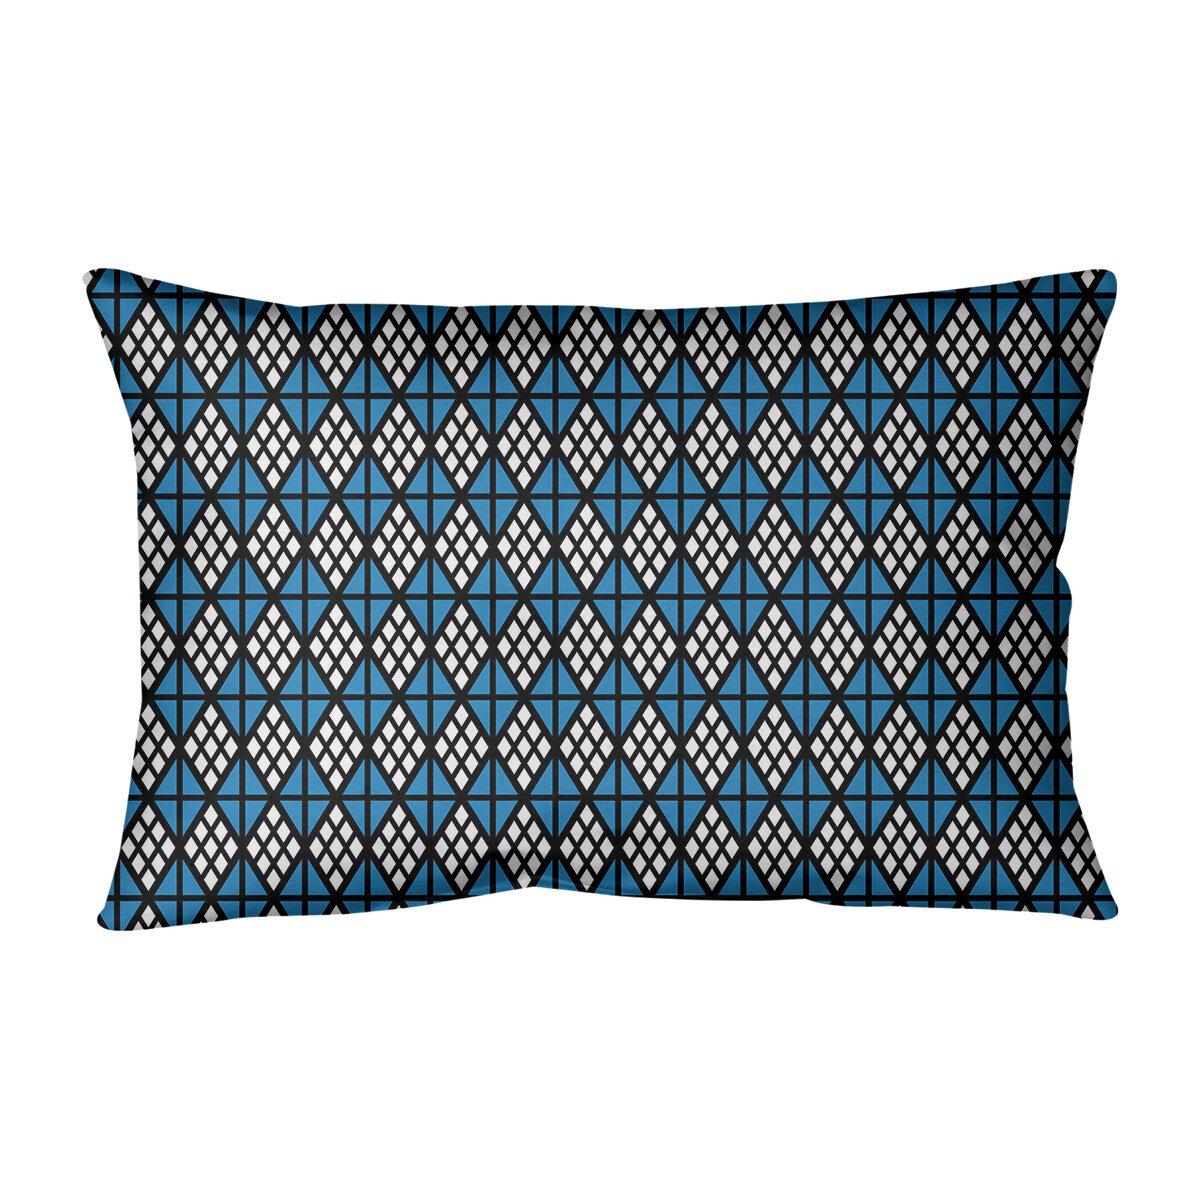 Latitude Run Avicia Diamonds Indoor Outdoor Geometric Lumbar Pillow Wayfair